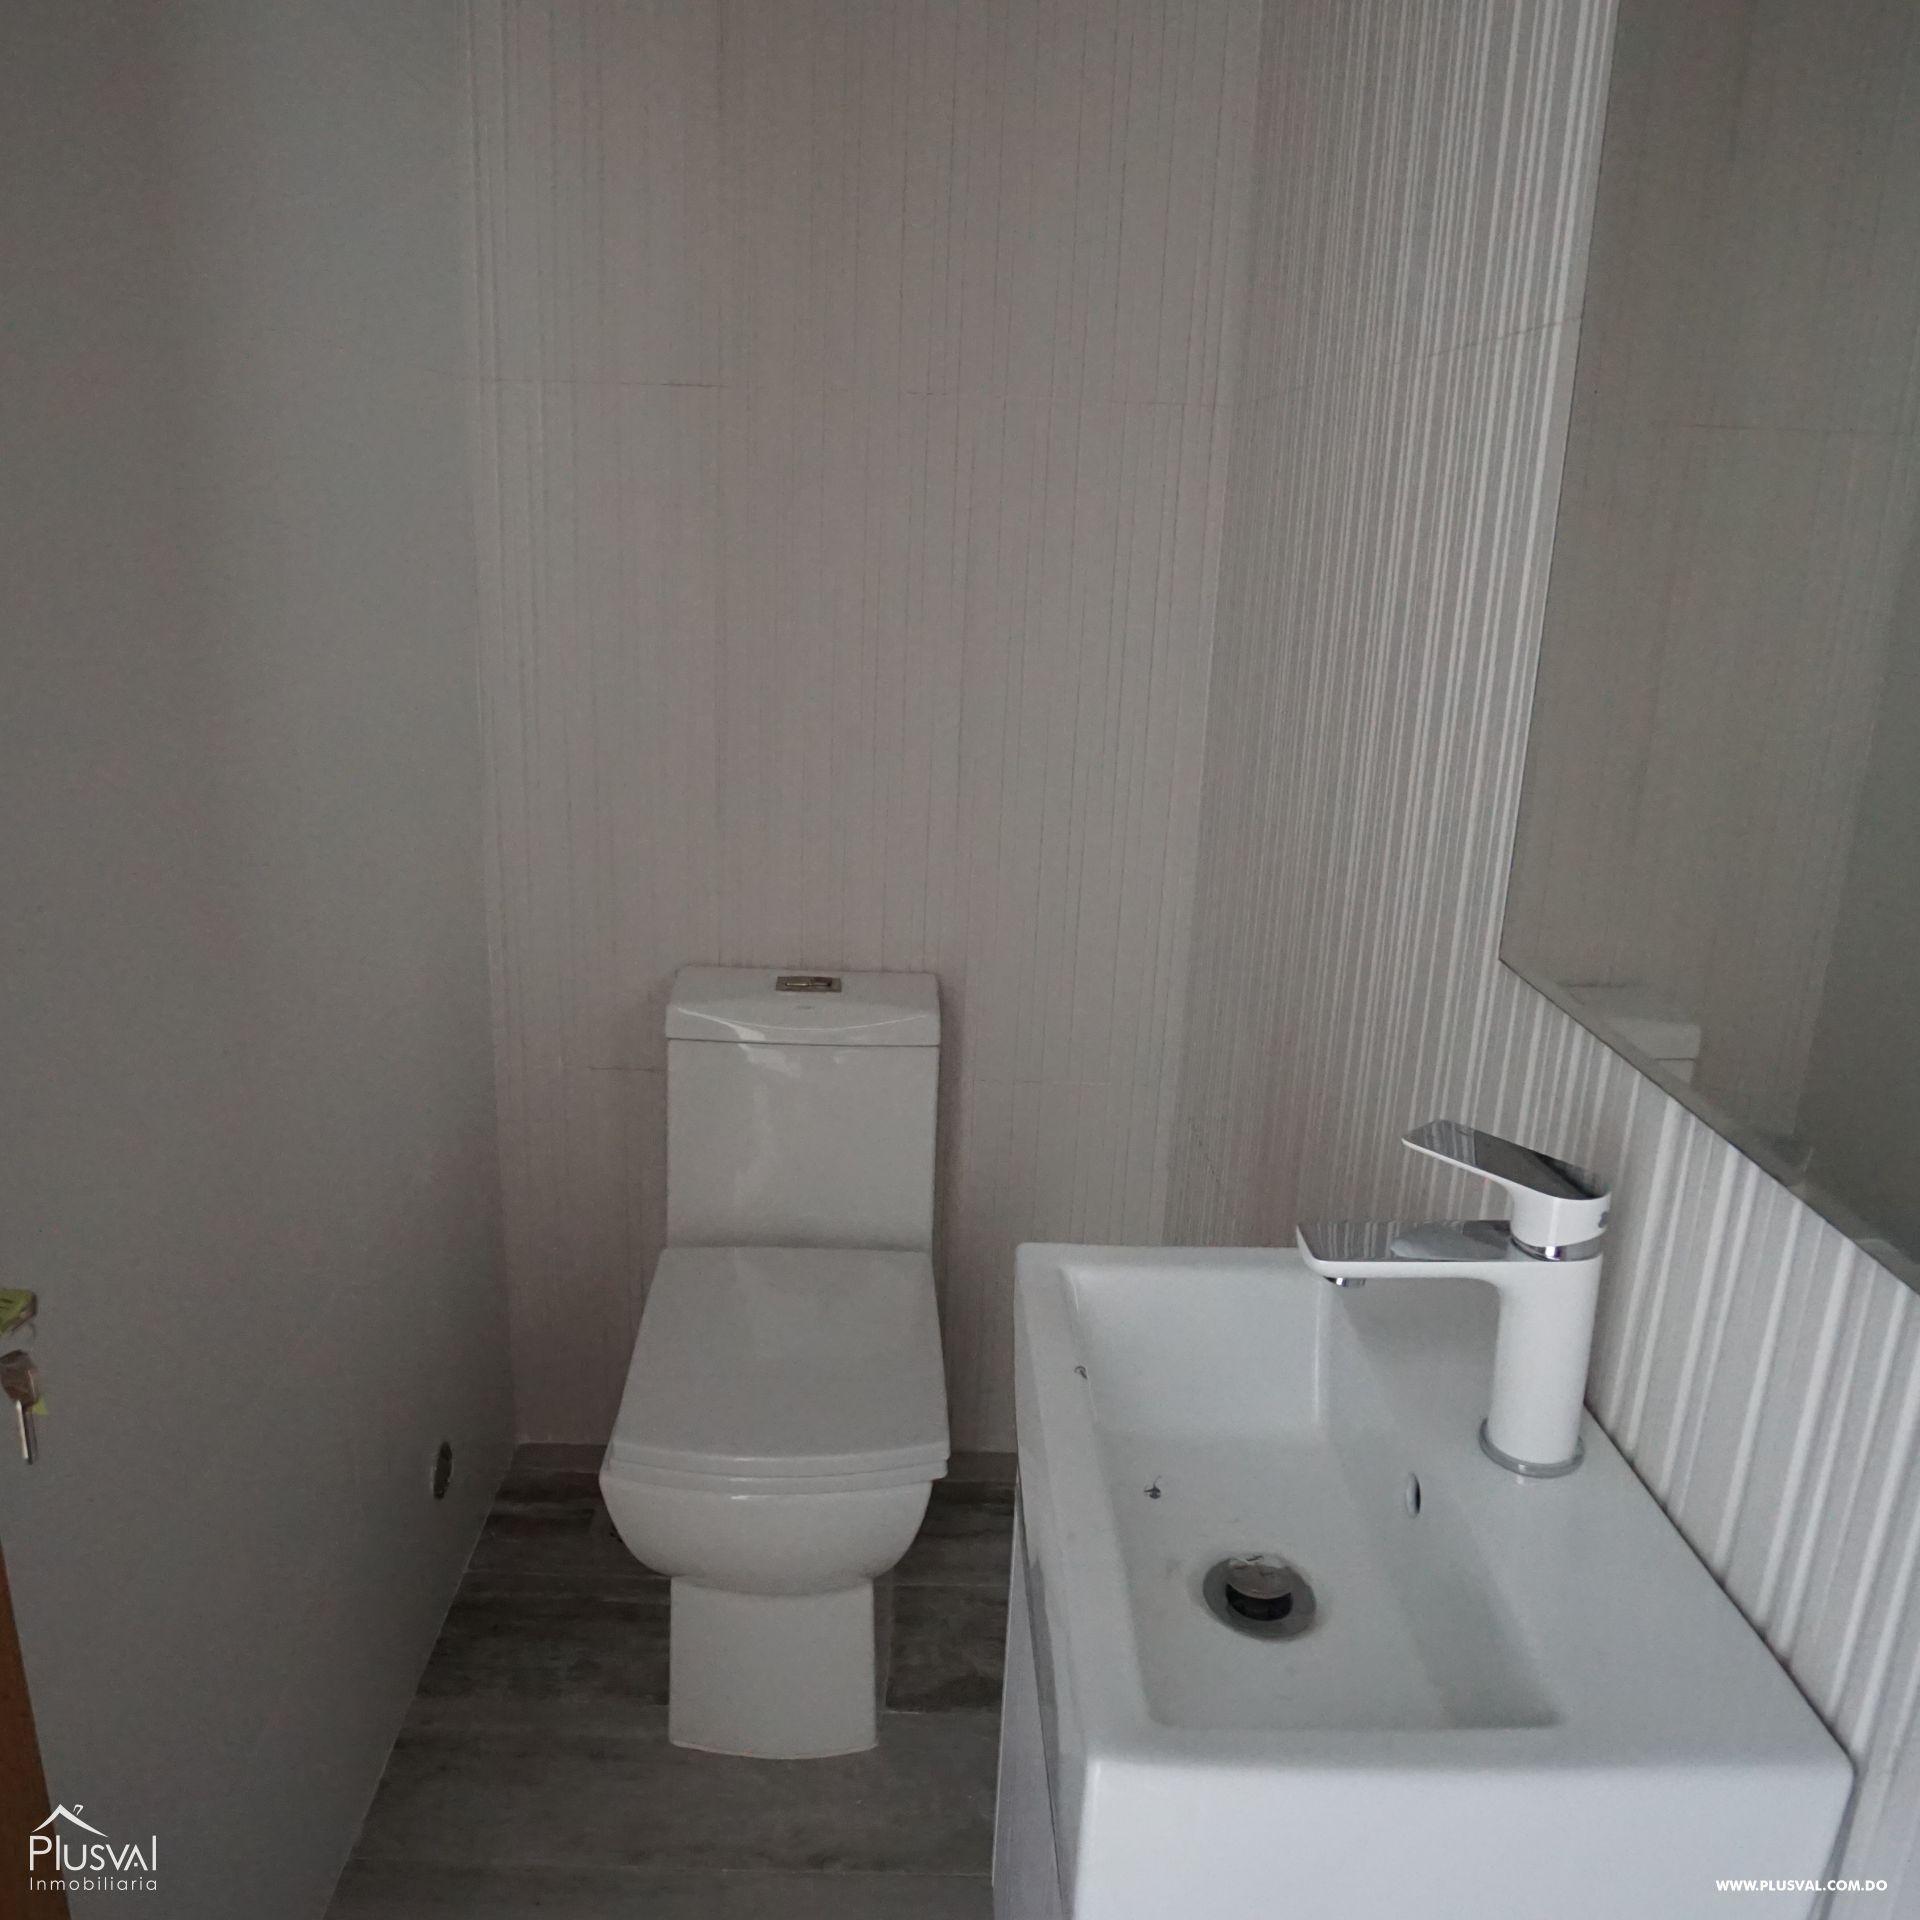 Apartamento en alquiler con linea blanca en Piantini 183090